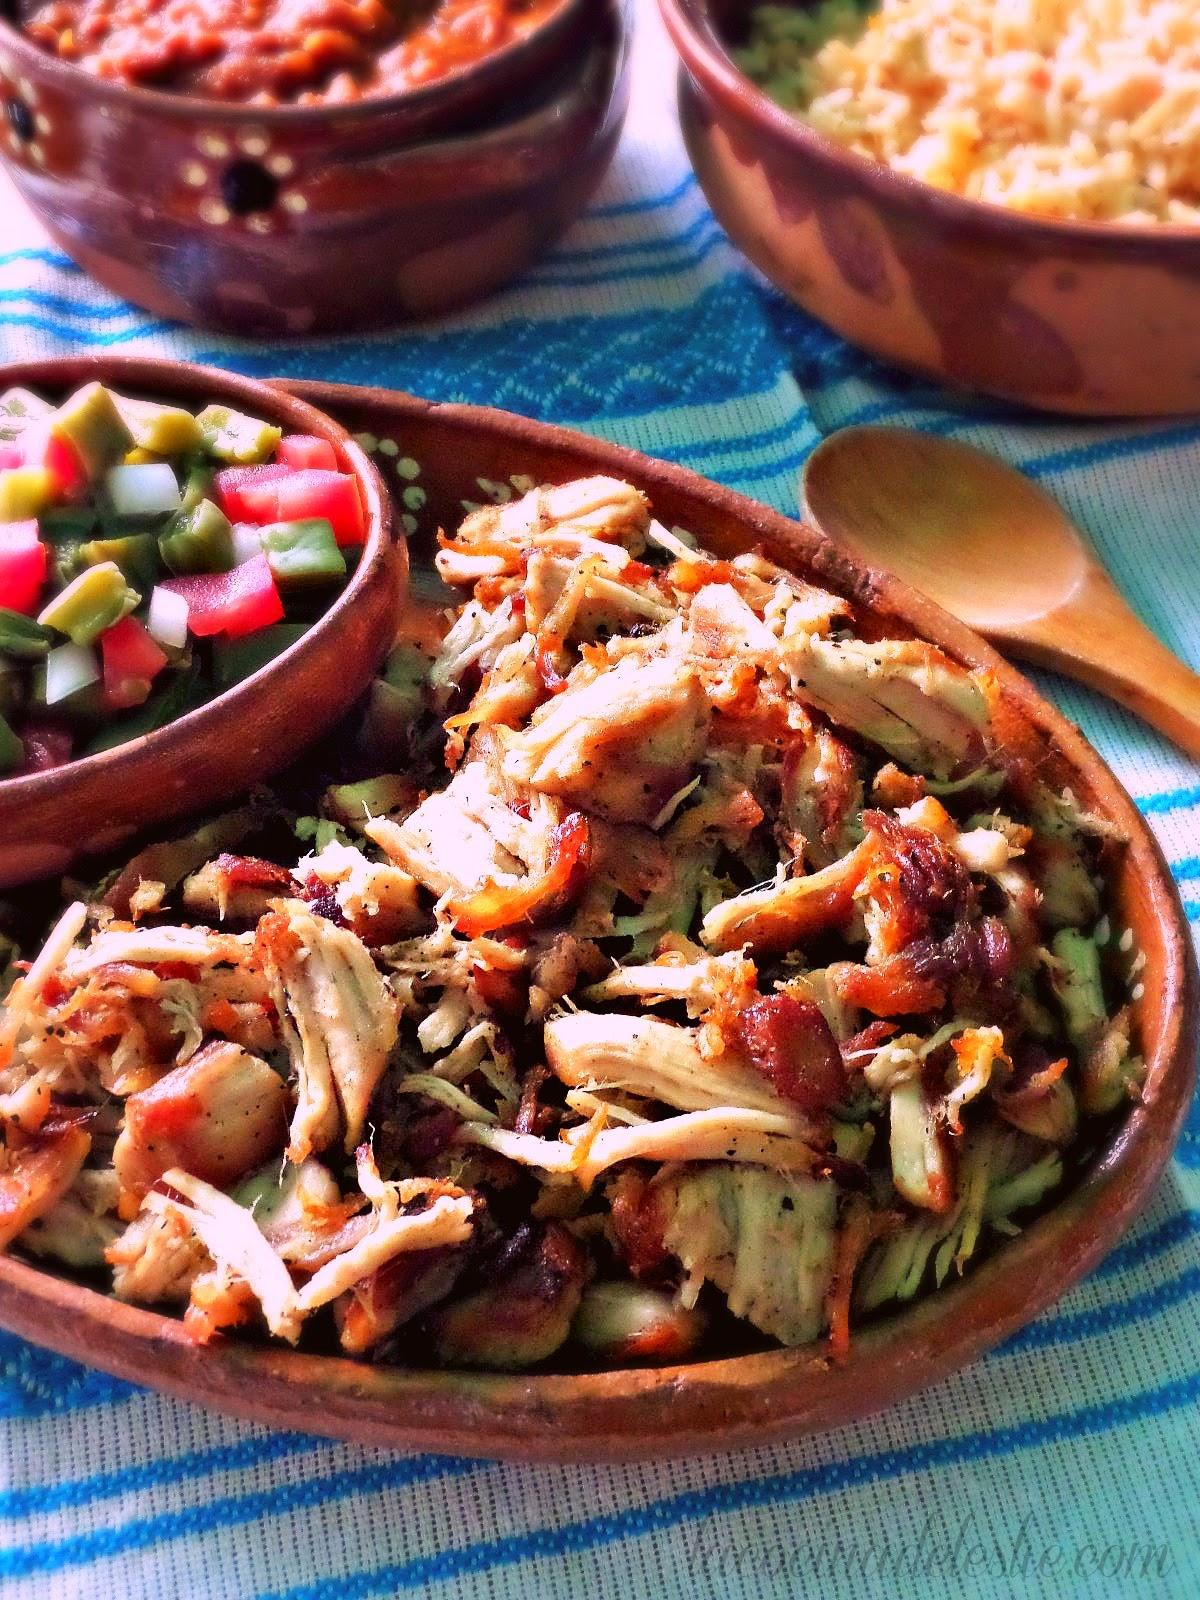 Homemade Pork Carnitas - lacocinadeleslie.com